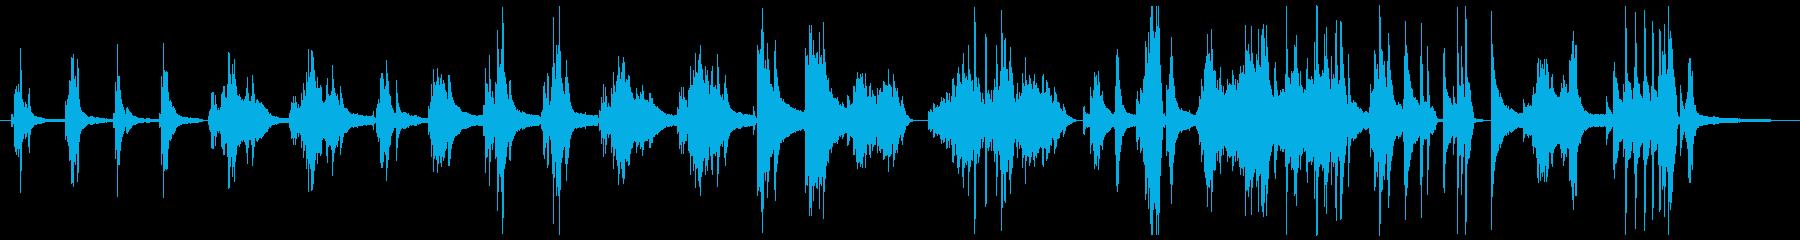 清涼感のある神秘的なピアノ曲の再生済みの波形